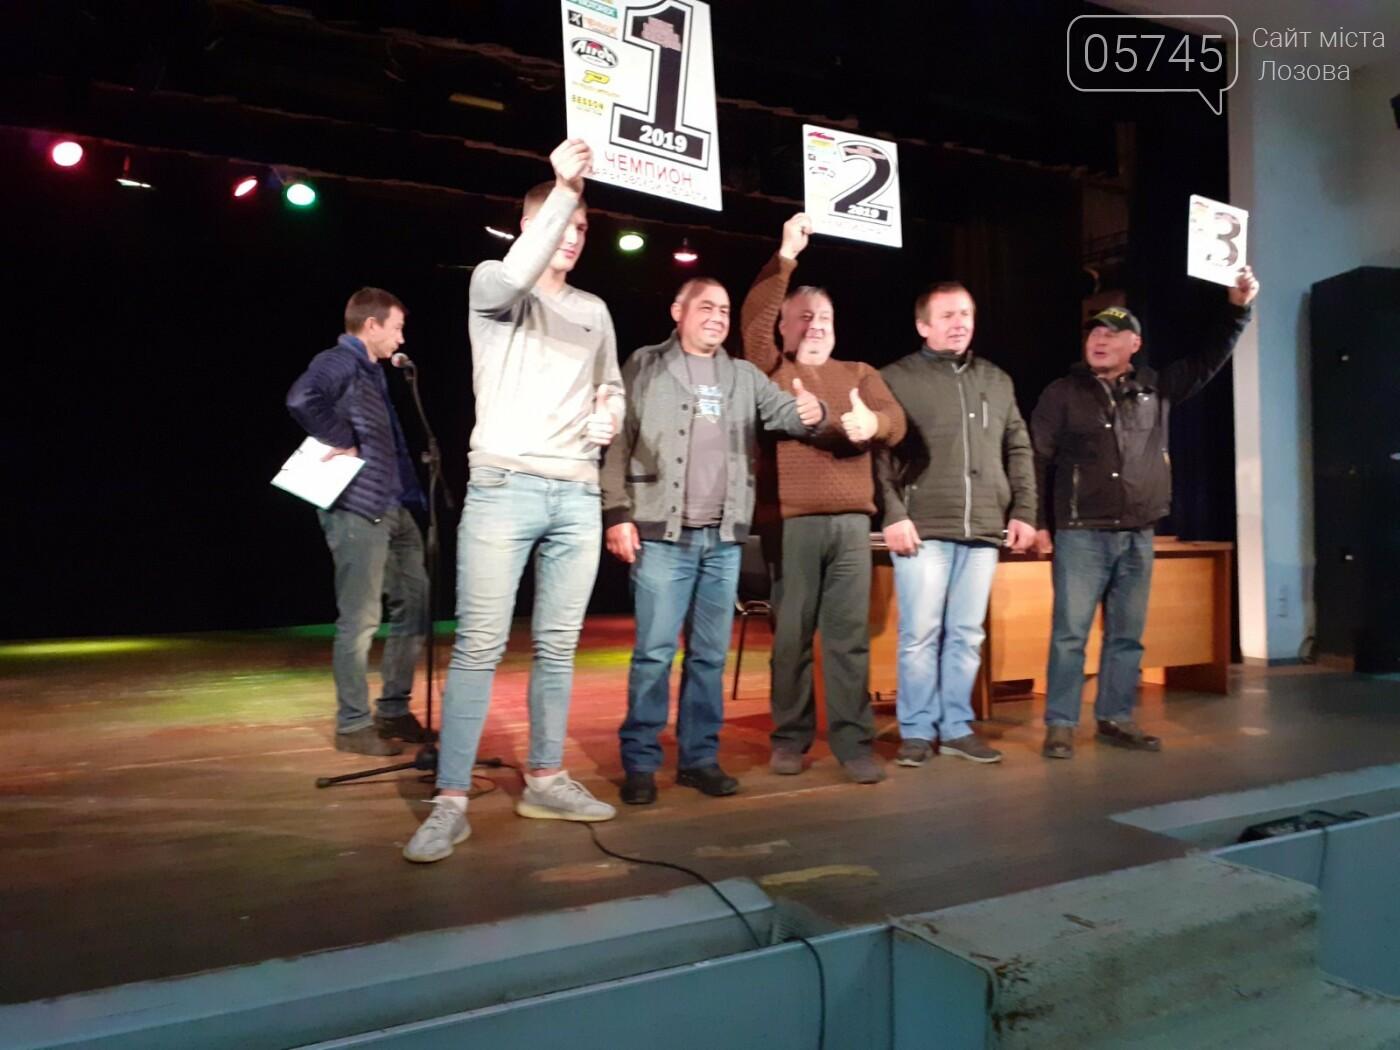 Мотокроссеры Лозовой стали призерами и Чемпионами Харьковской области, фото-2